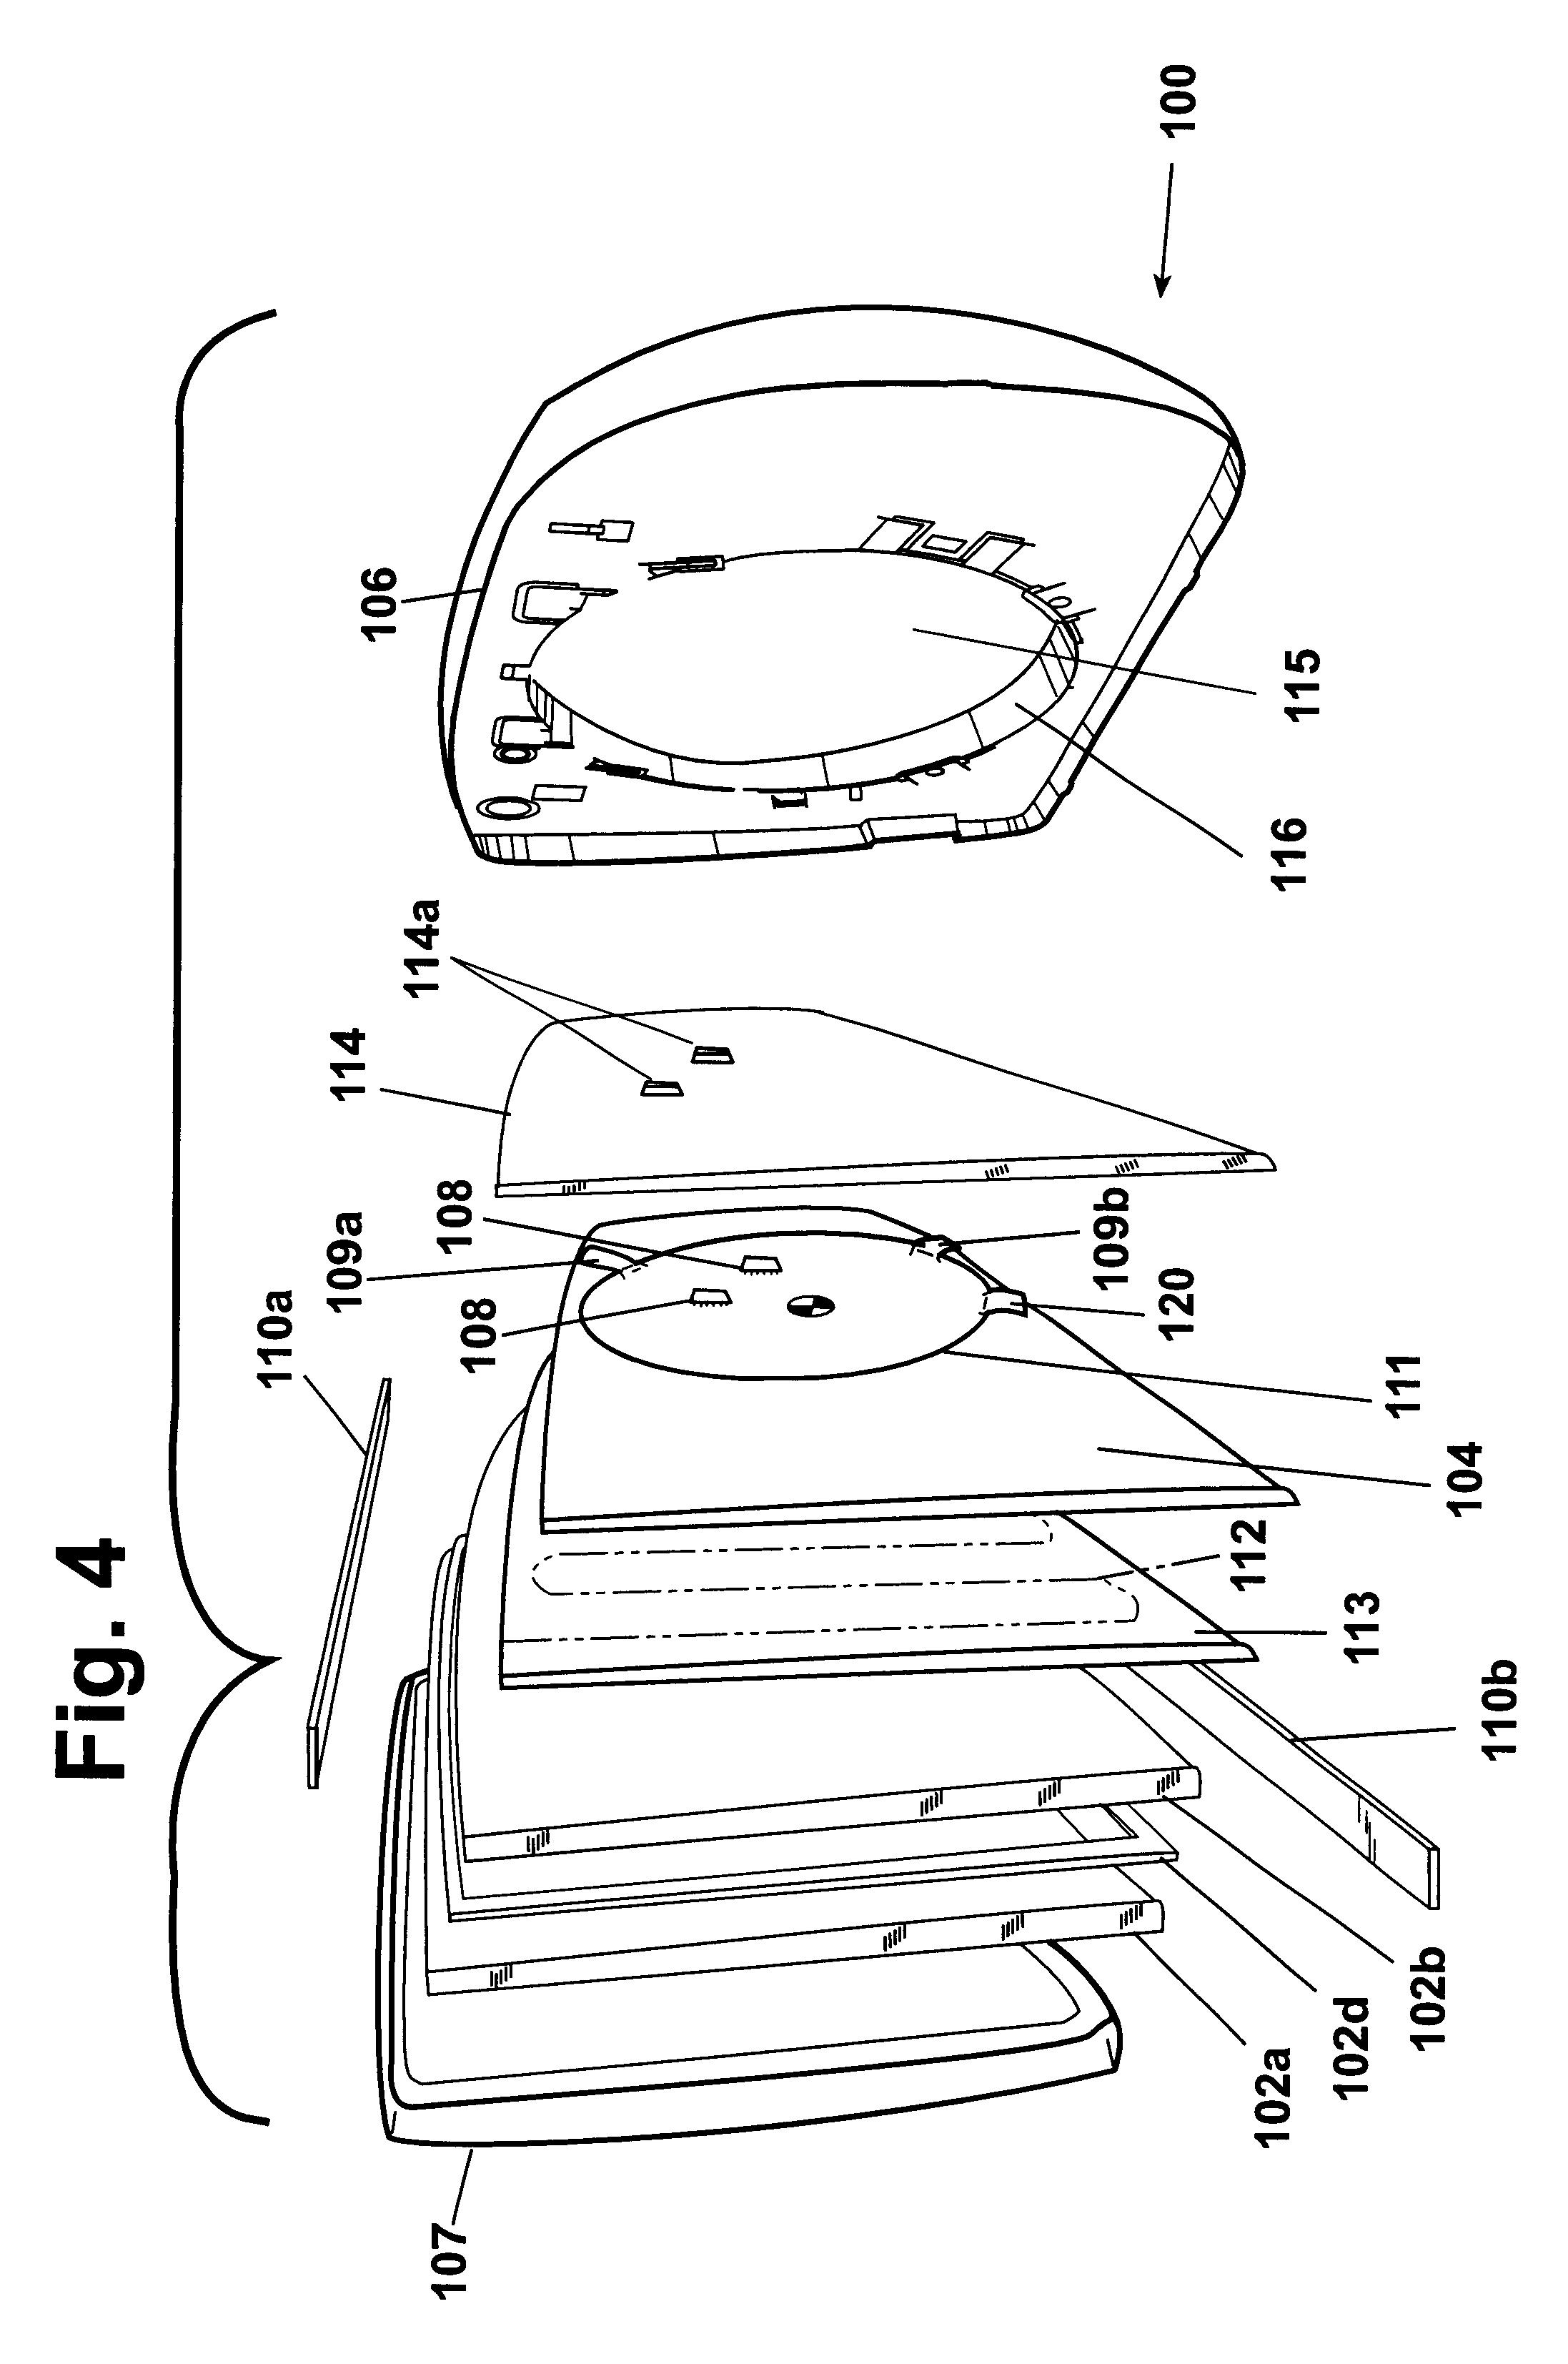 patent us6244716